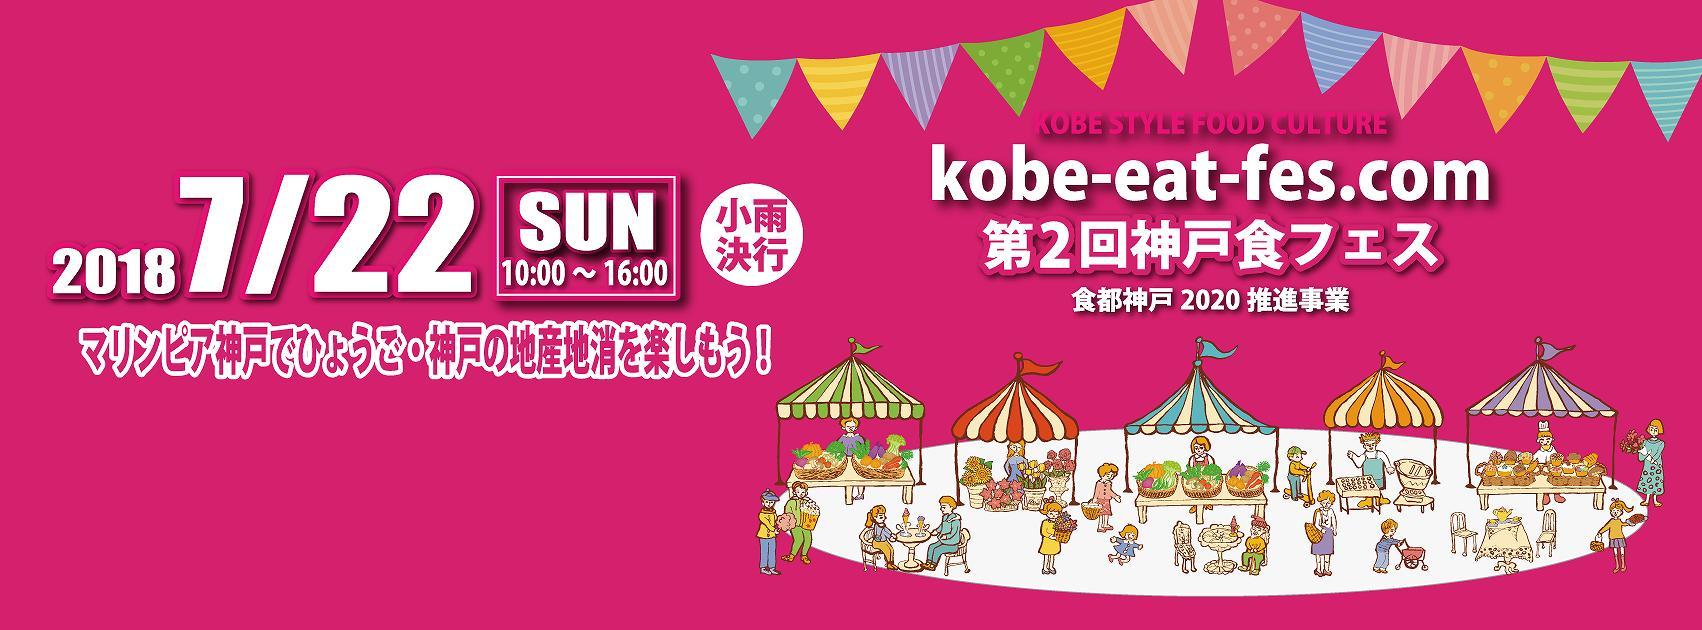 垂水のマリンピア神戸で「第2回神戸食フェス」が7/22(日)に開催されるよ! #神戸食フェス #マリンピア神戸 #神戸市垂水区 #地産地消